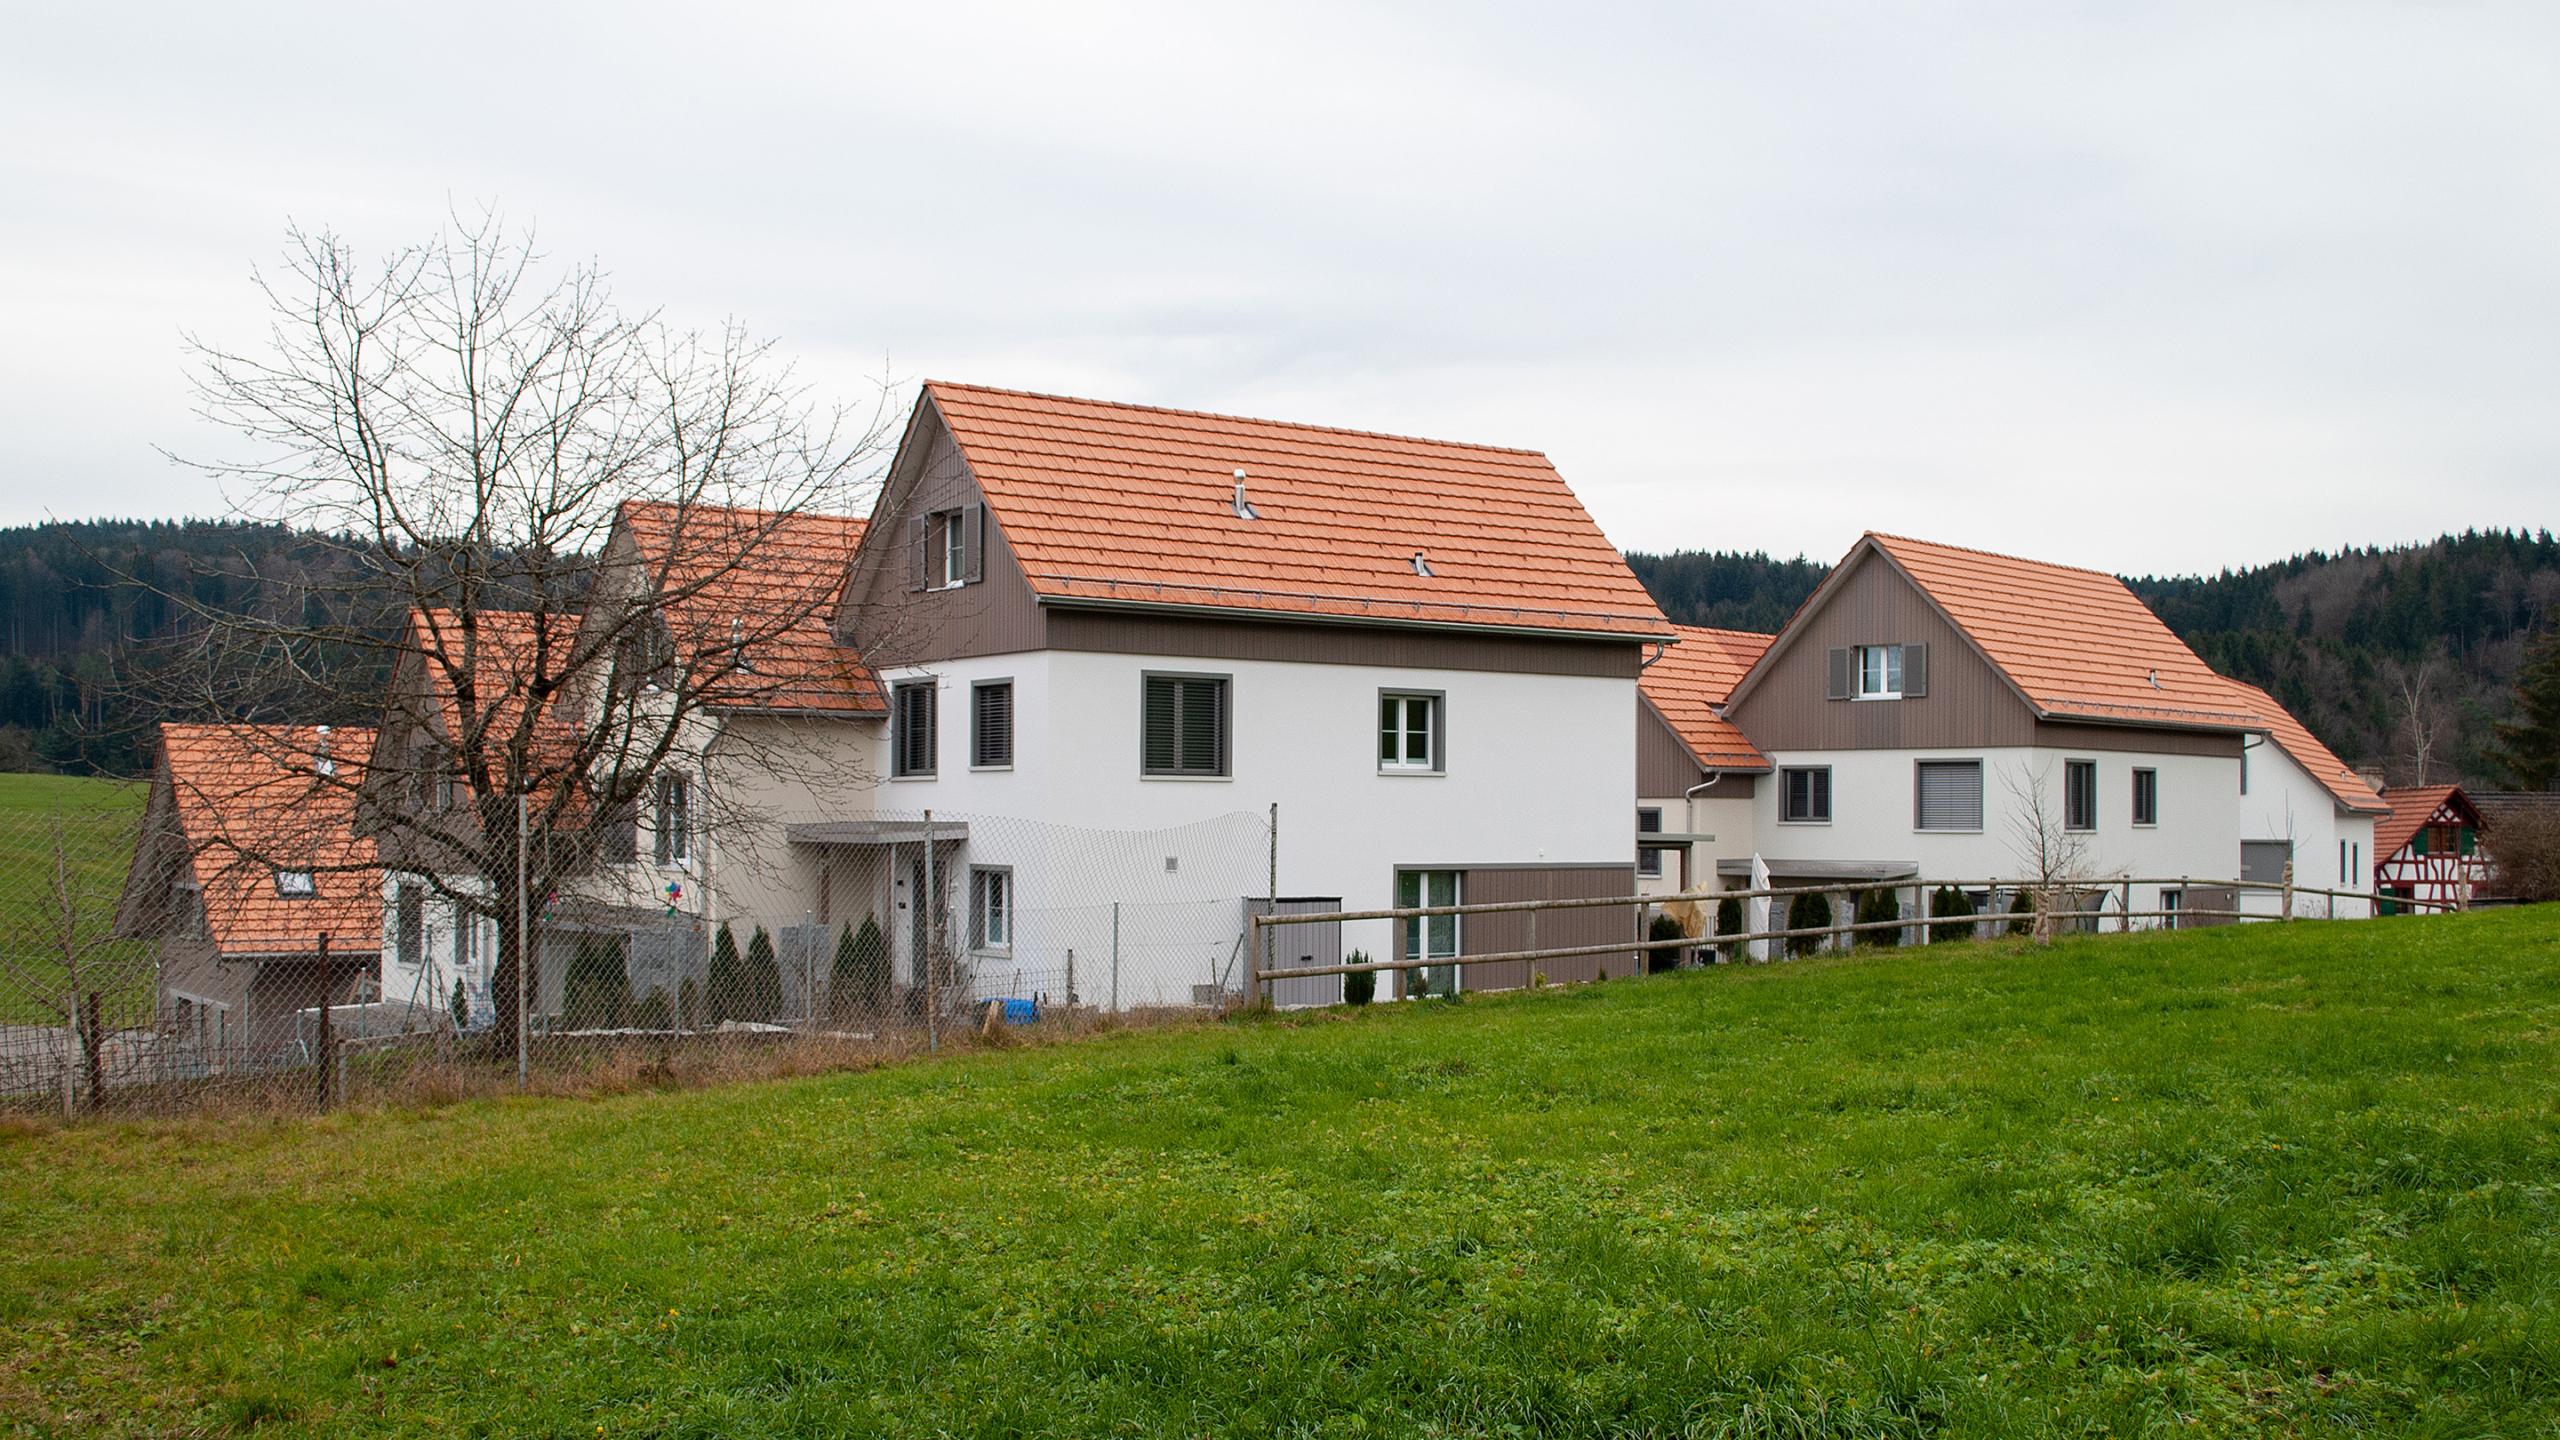 Projekt Schauenbergblick in Schlatt, EInfamilienhäuser